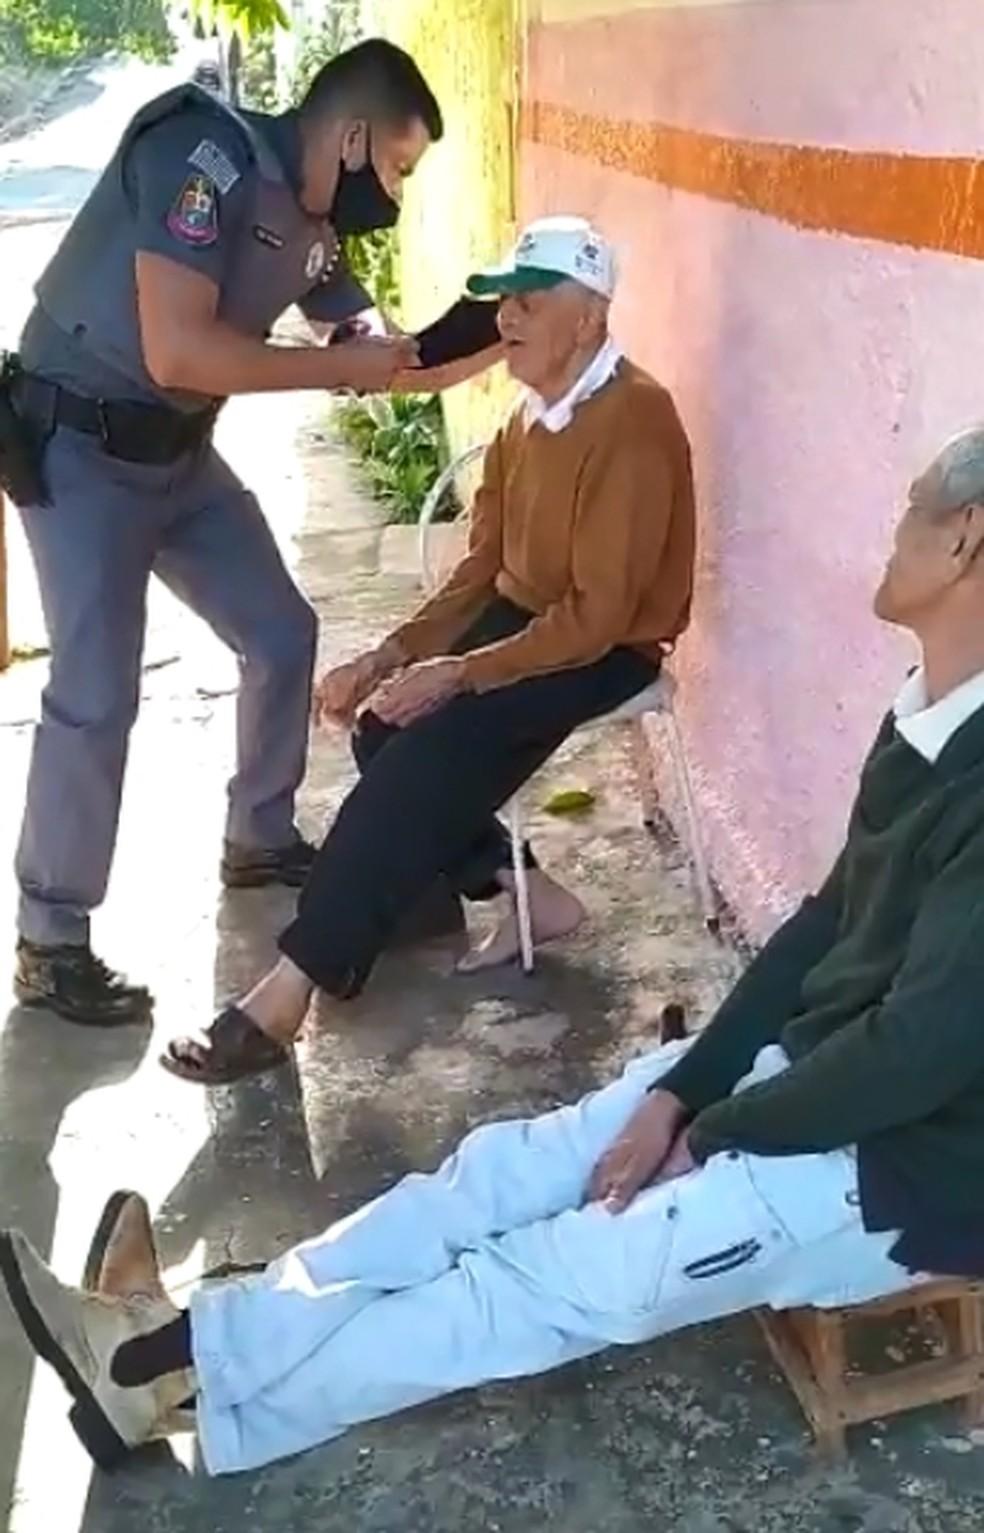 Policial coloca máscara em idoso em bairro de Araçatuba — Foto: Arquivo Pessoal